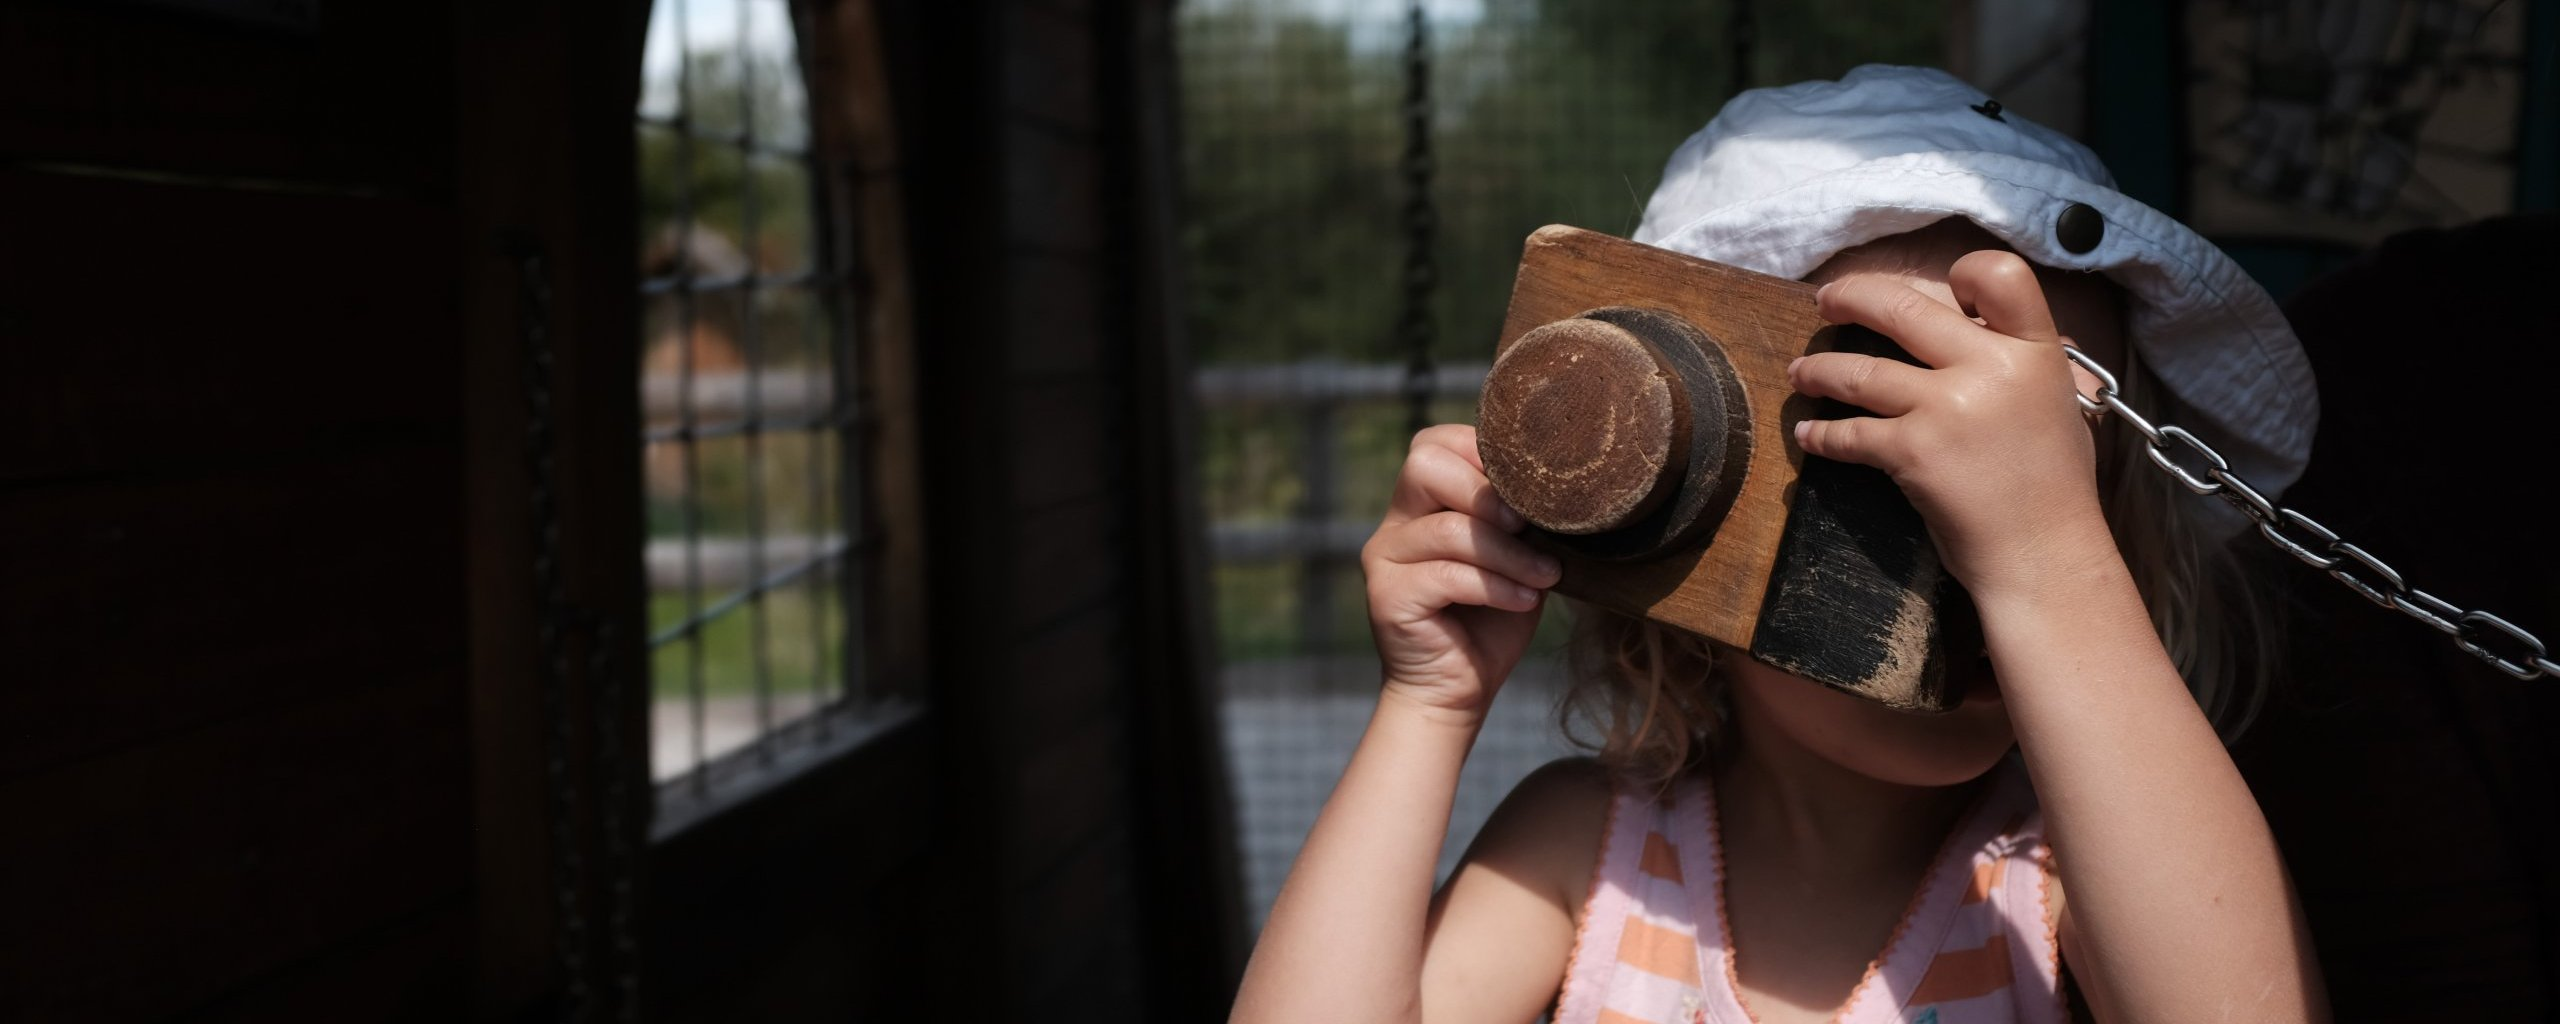 Die beste Kamera für Streetfotografen